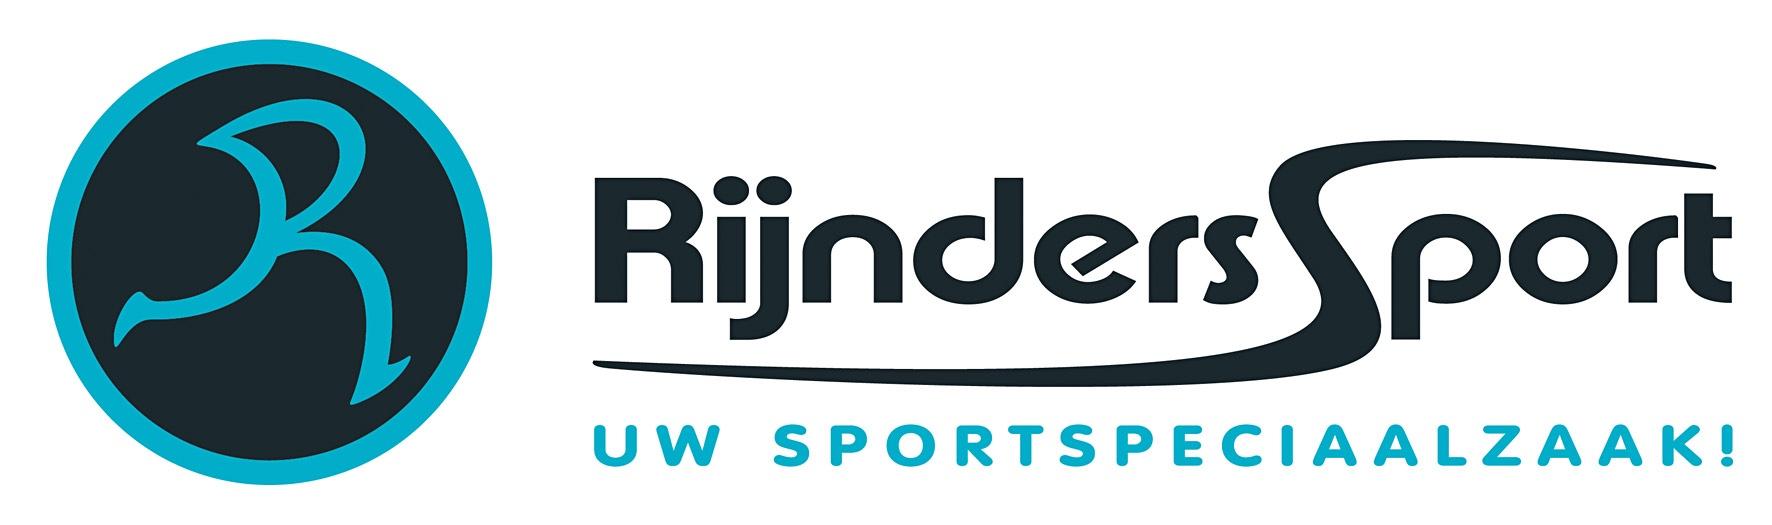 Scherpenzeel ontvangt waardecheque Rijnders Sport